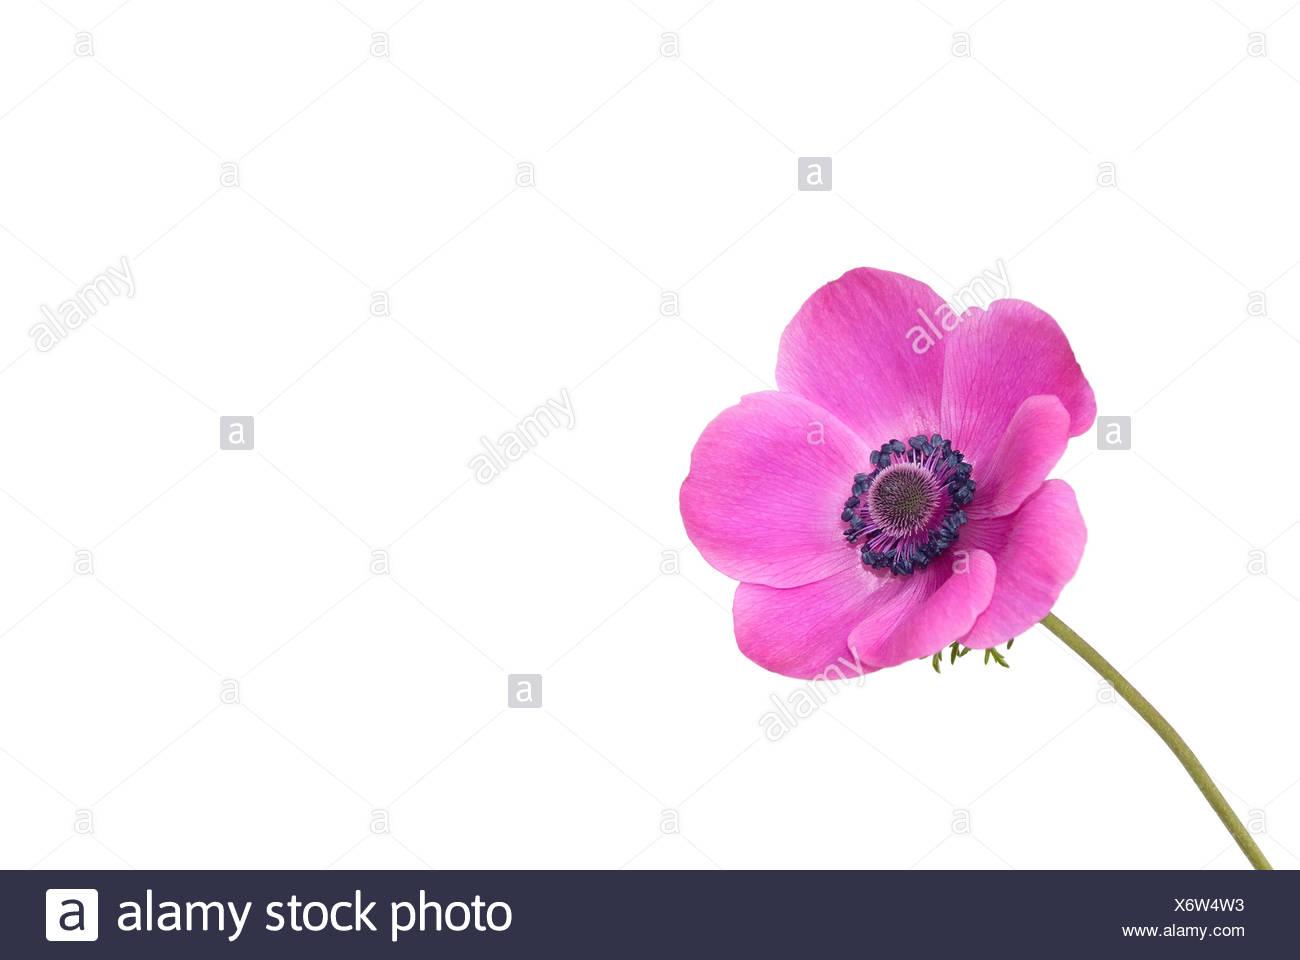 Anemone on white background - Stock Image